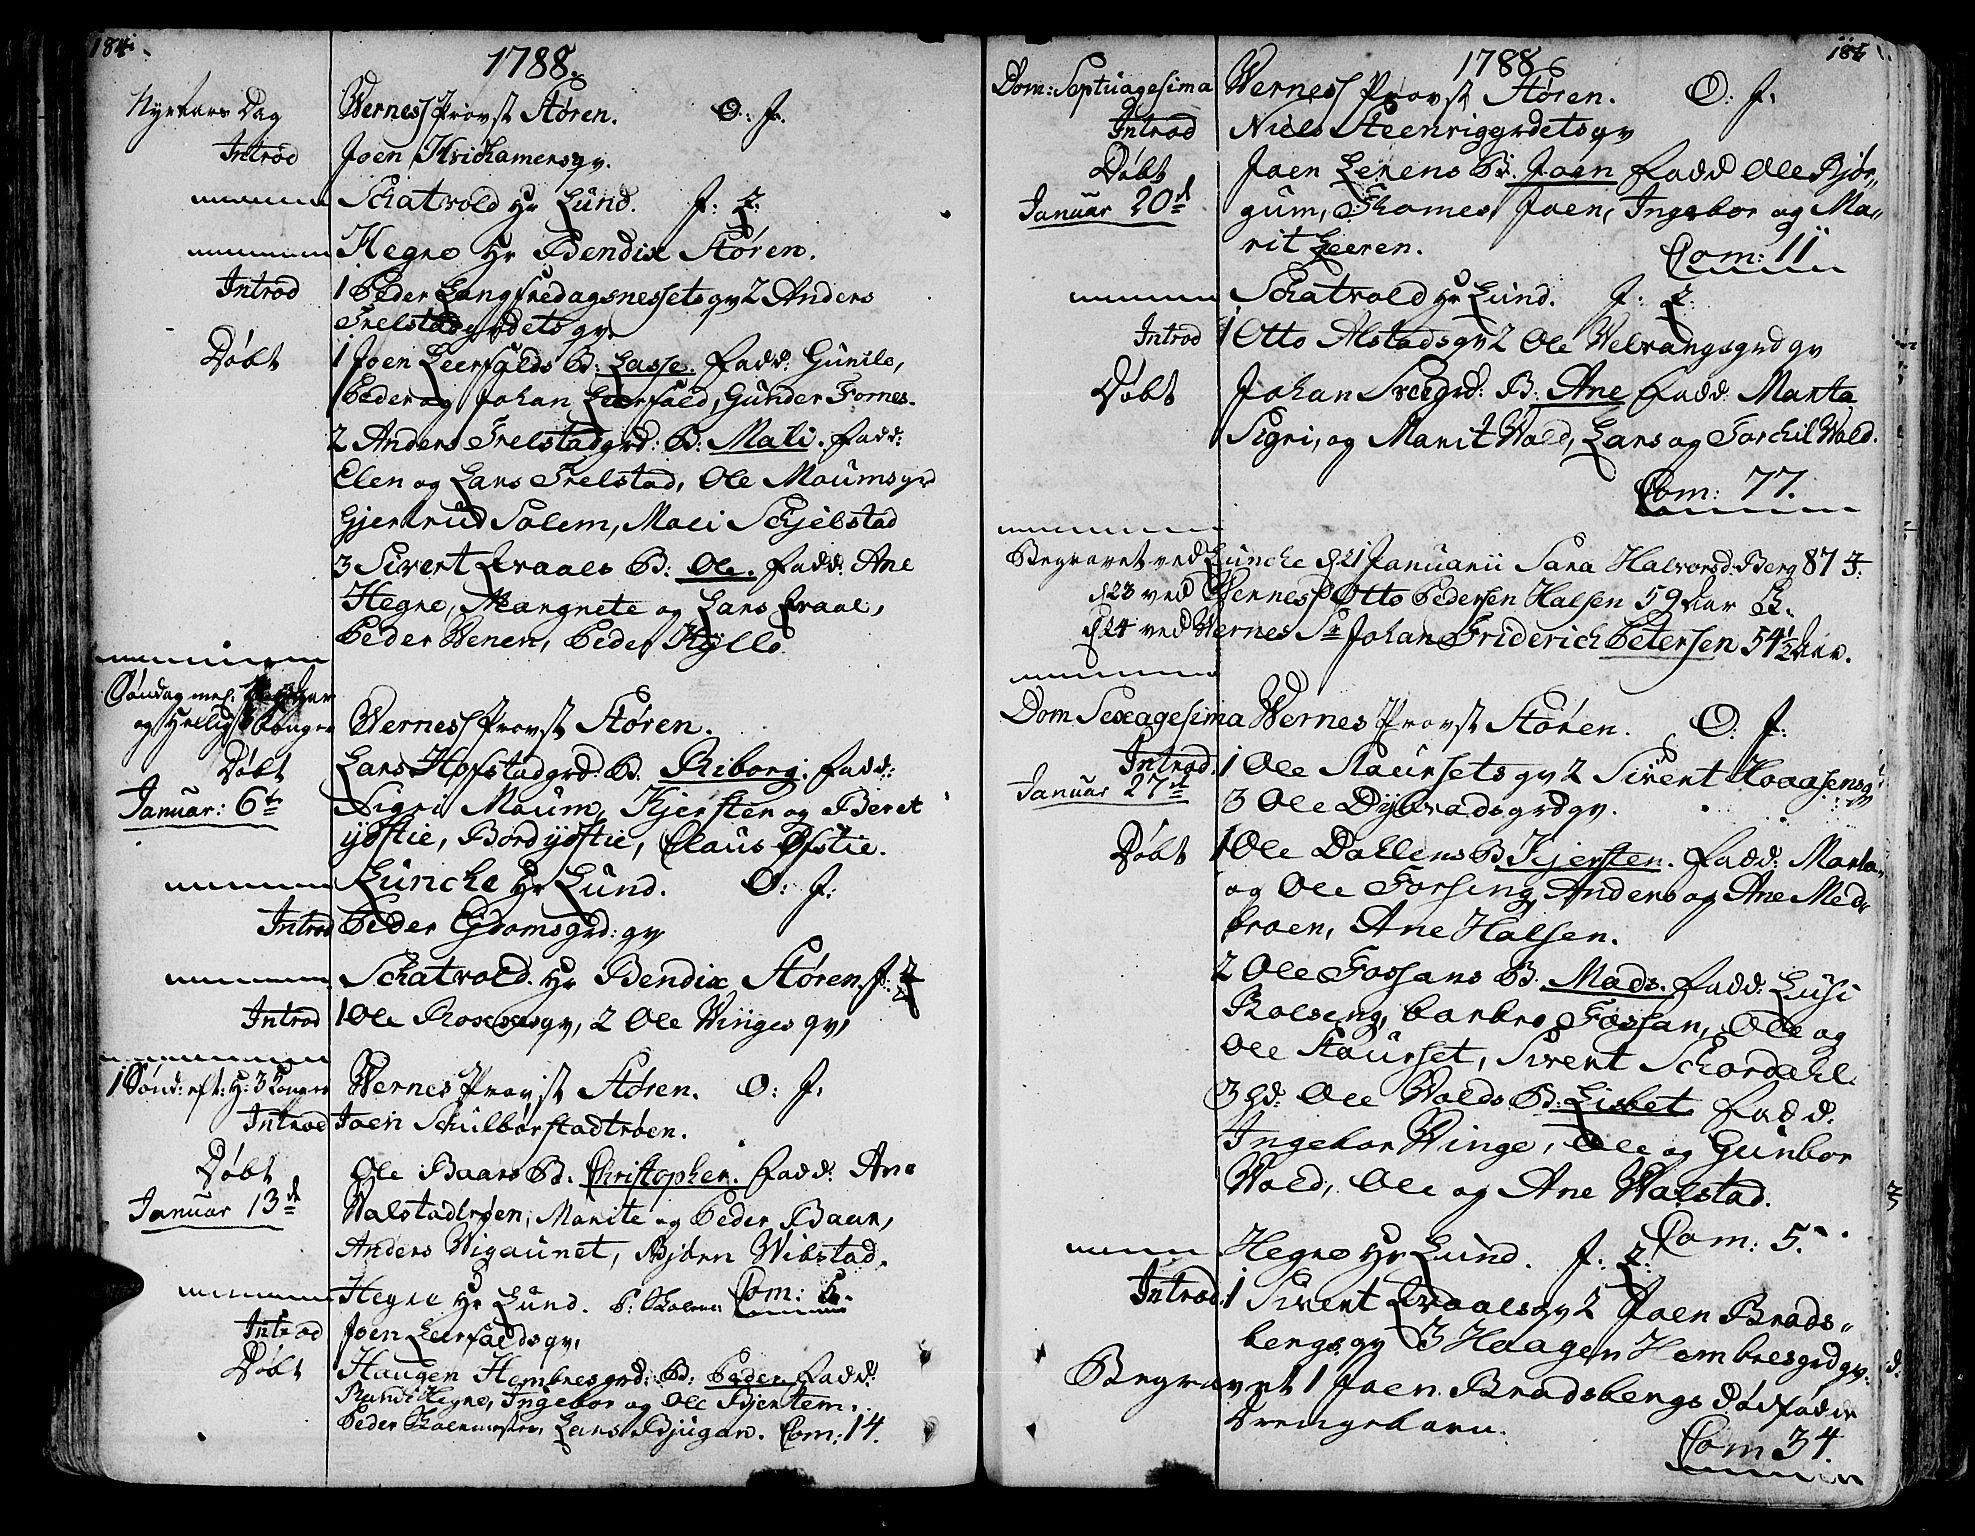 SAT, Ministerialprotokoller, klokkerbøker og fødselsregistre - Nord-Trøndelag, 709/L0059: Ministerialbok nr. 709A06, 1781-1797, s. 184-185